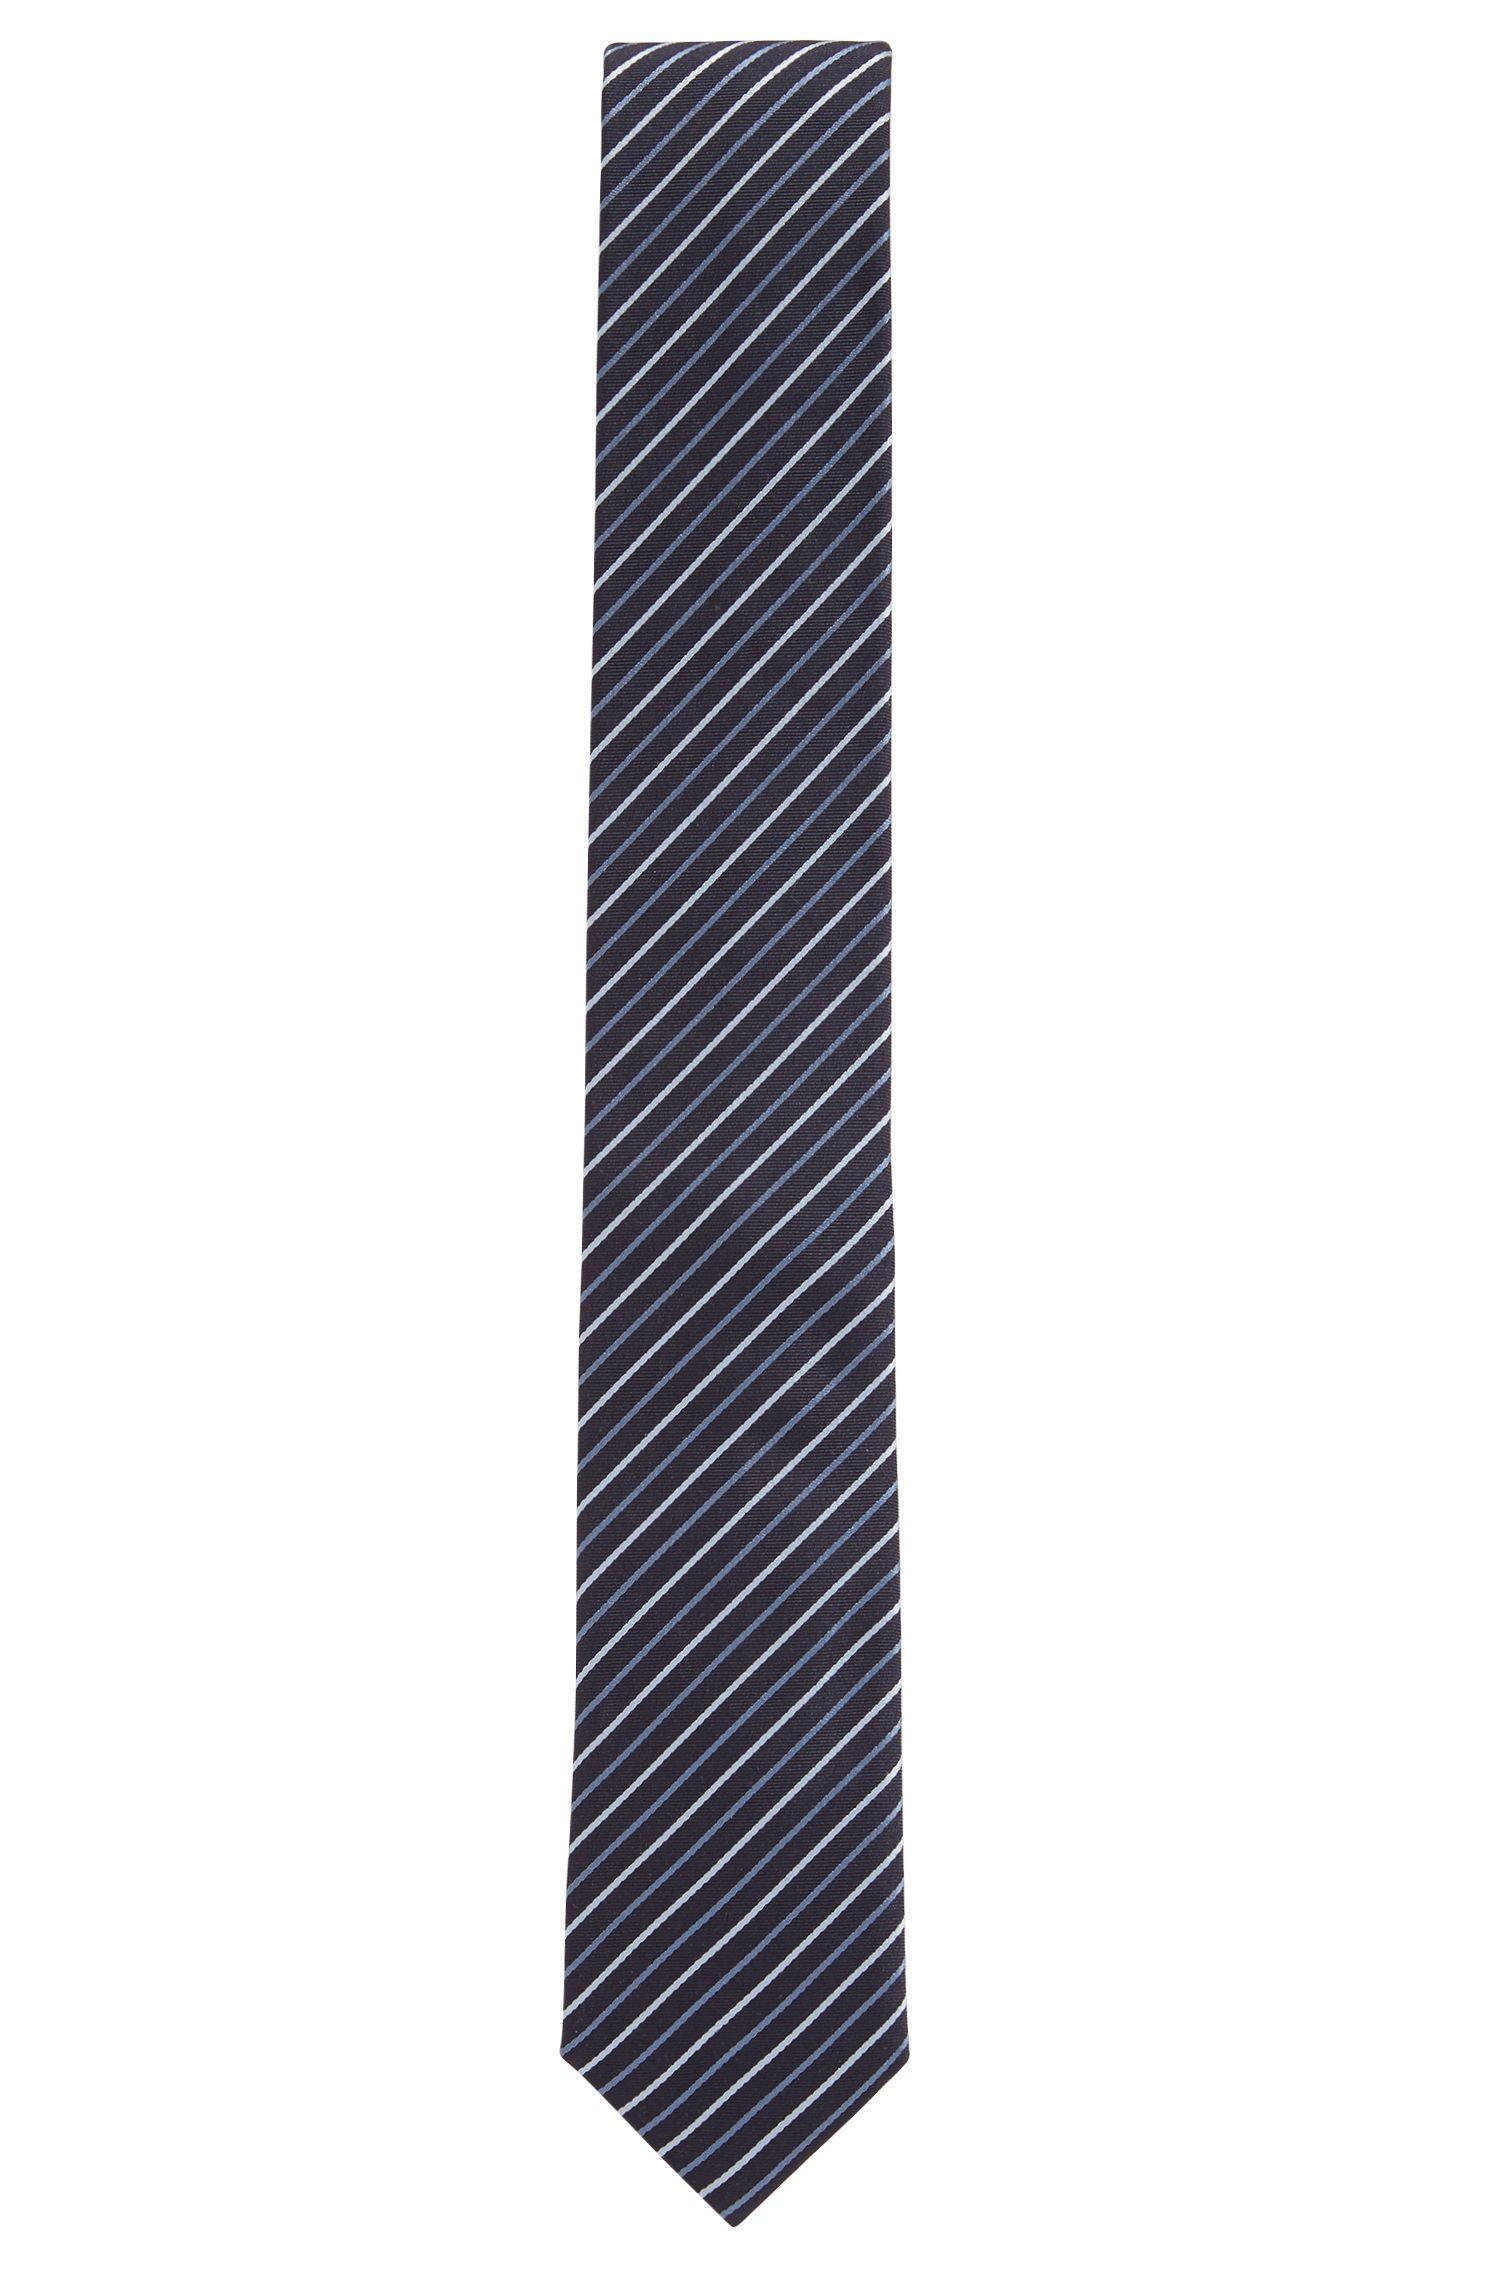 Cravate en jacquard de soie avec rayures en diagonale, Fantaisie